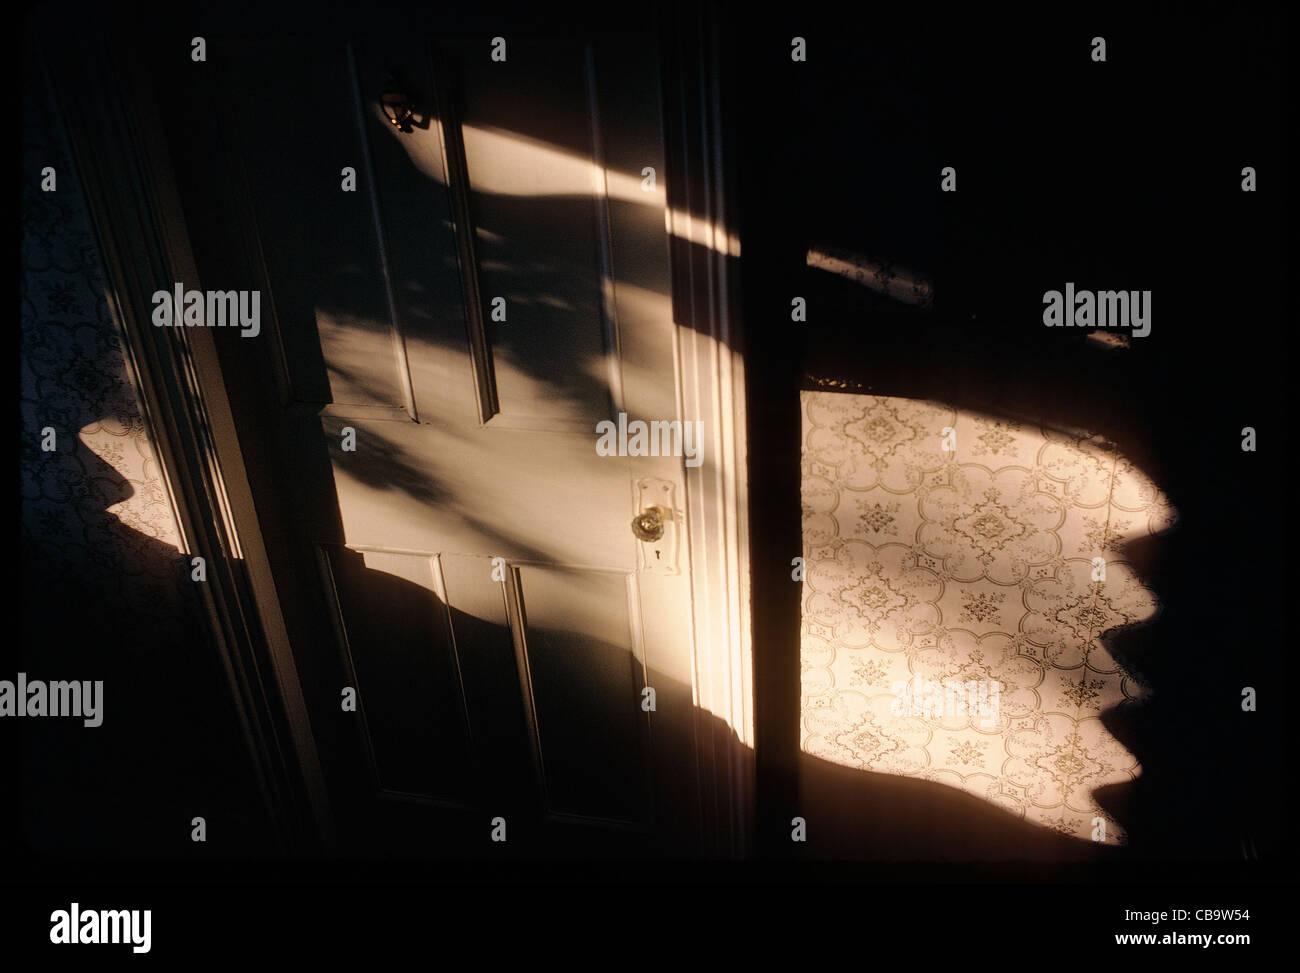 La lumière du soleil et l'ombre à l'intérieur de la porte d'un Victorian bed & breakfast Photo Stock